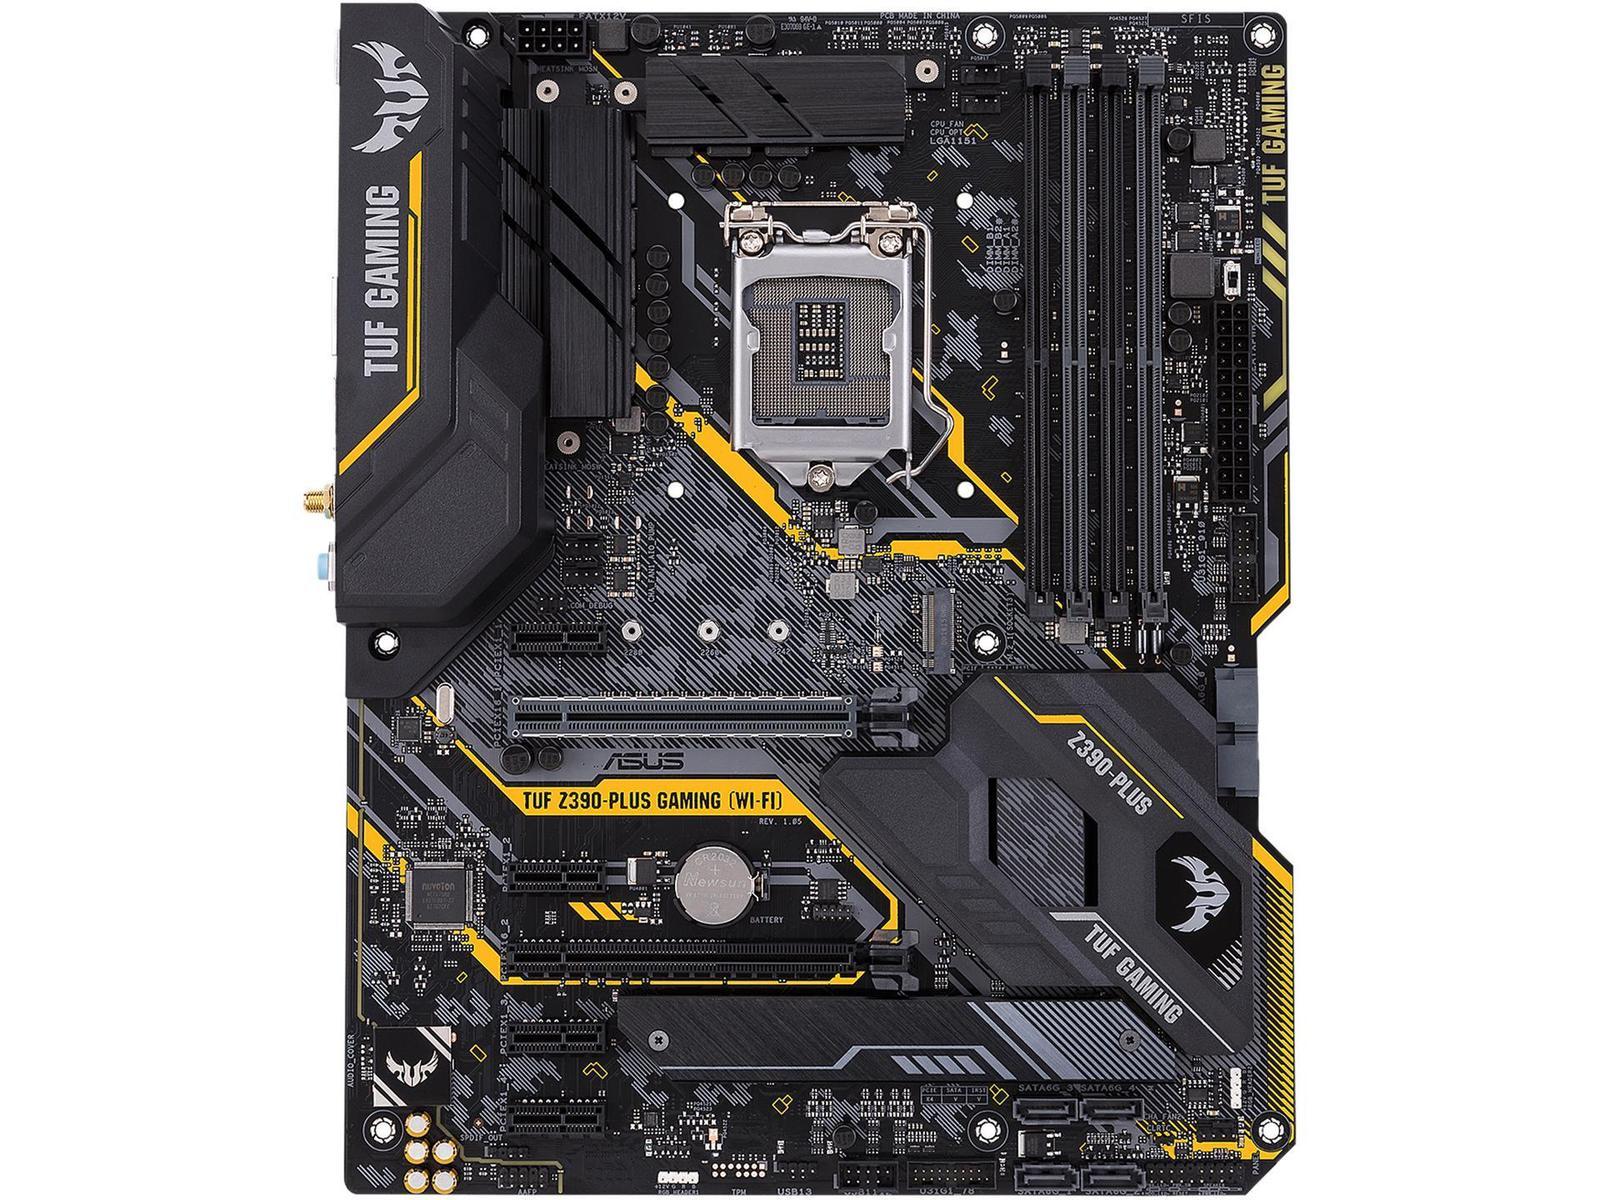 Asus TUF Z390-PLUS GAMING (WI-FI) ATX LGA1151 Motherboard